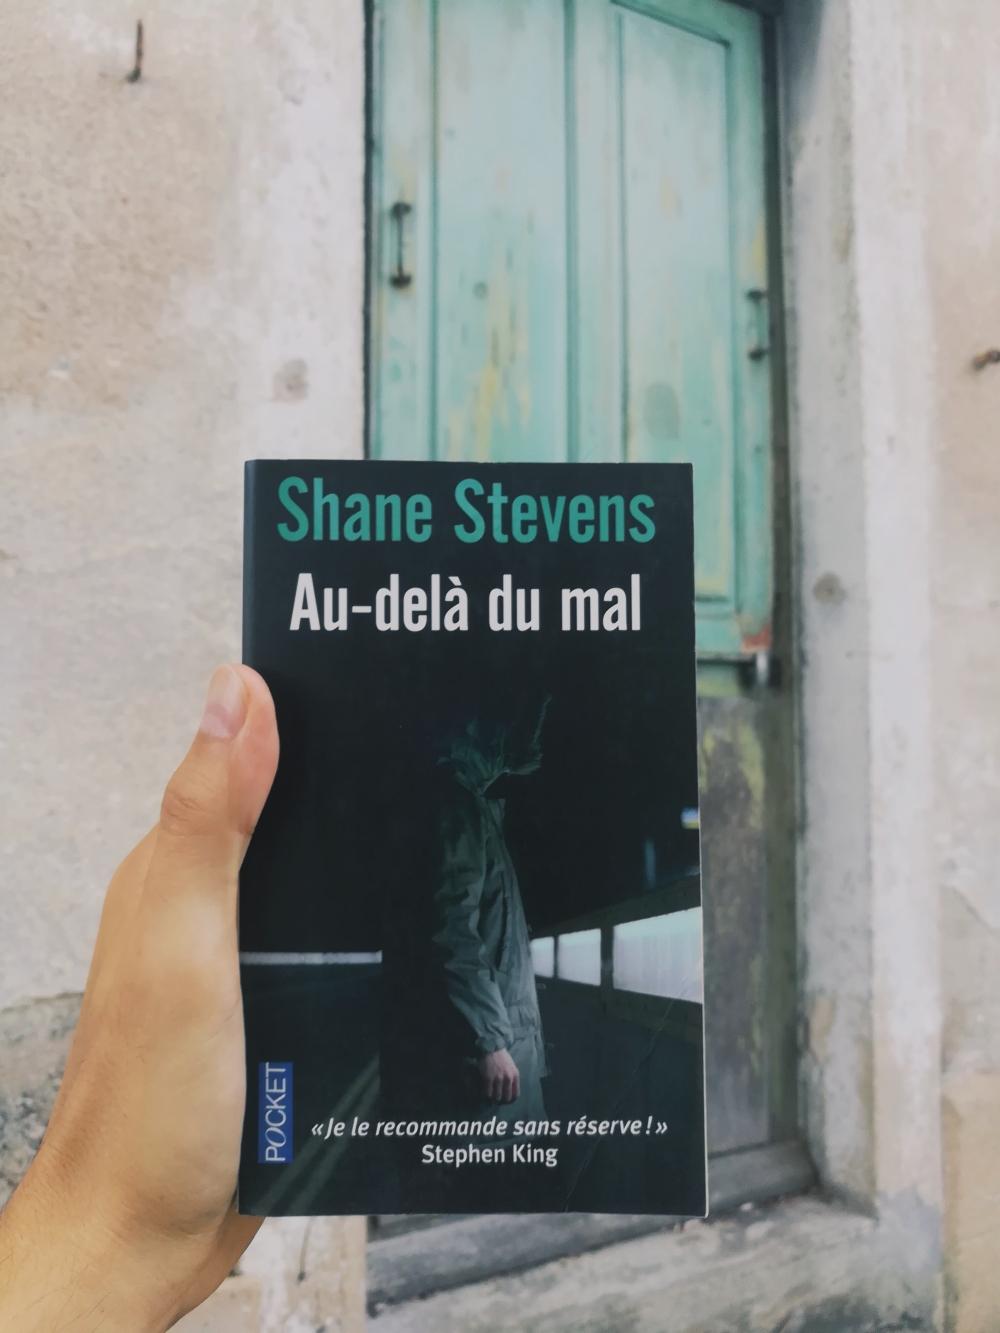 tomabooks-au-dela-du-mal-shane-stevens